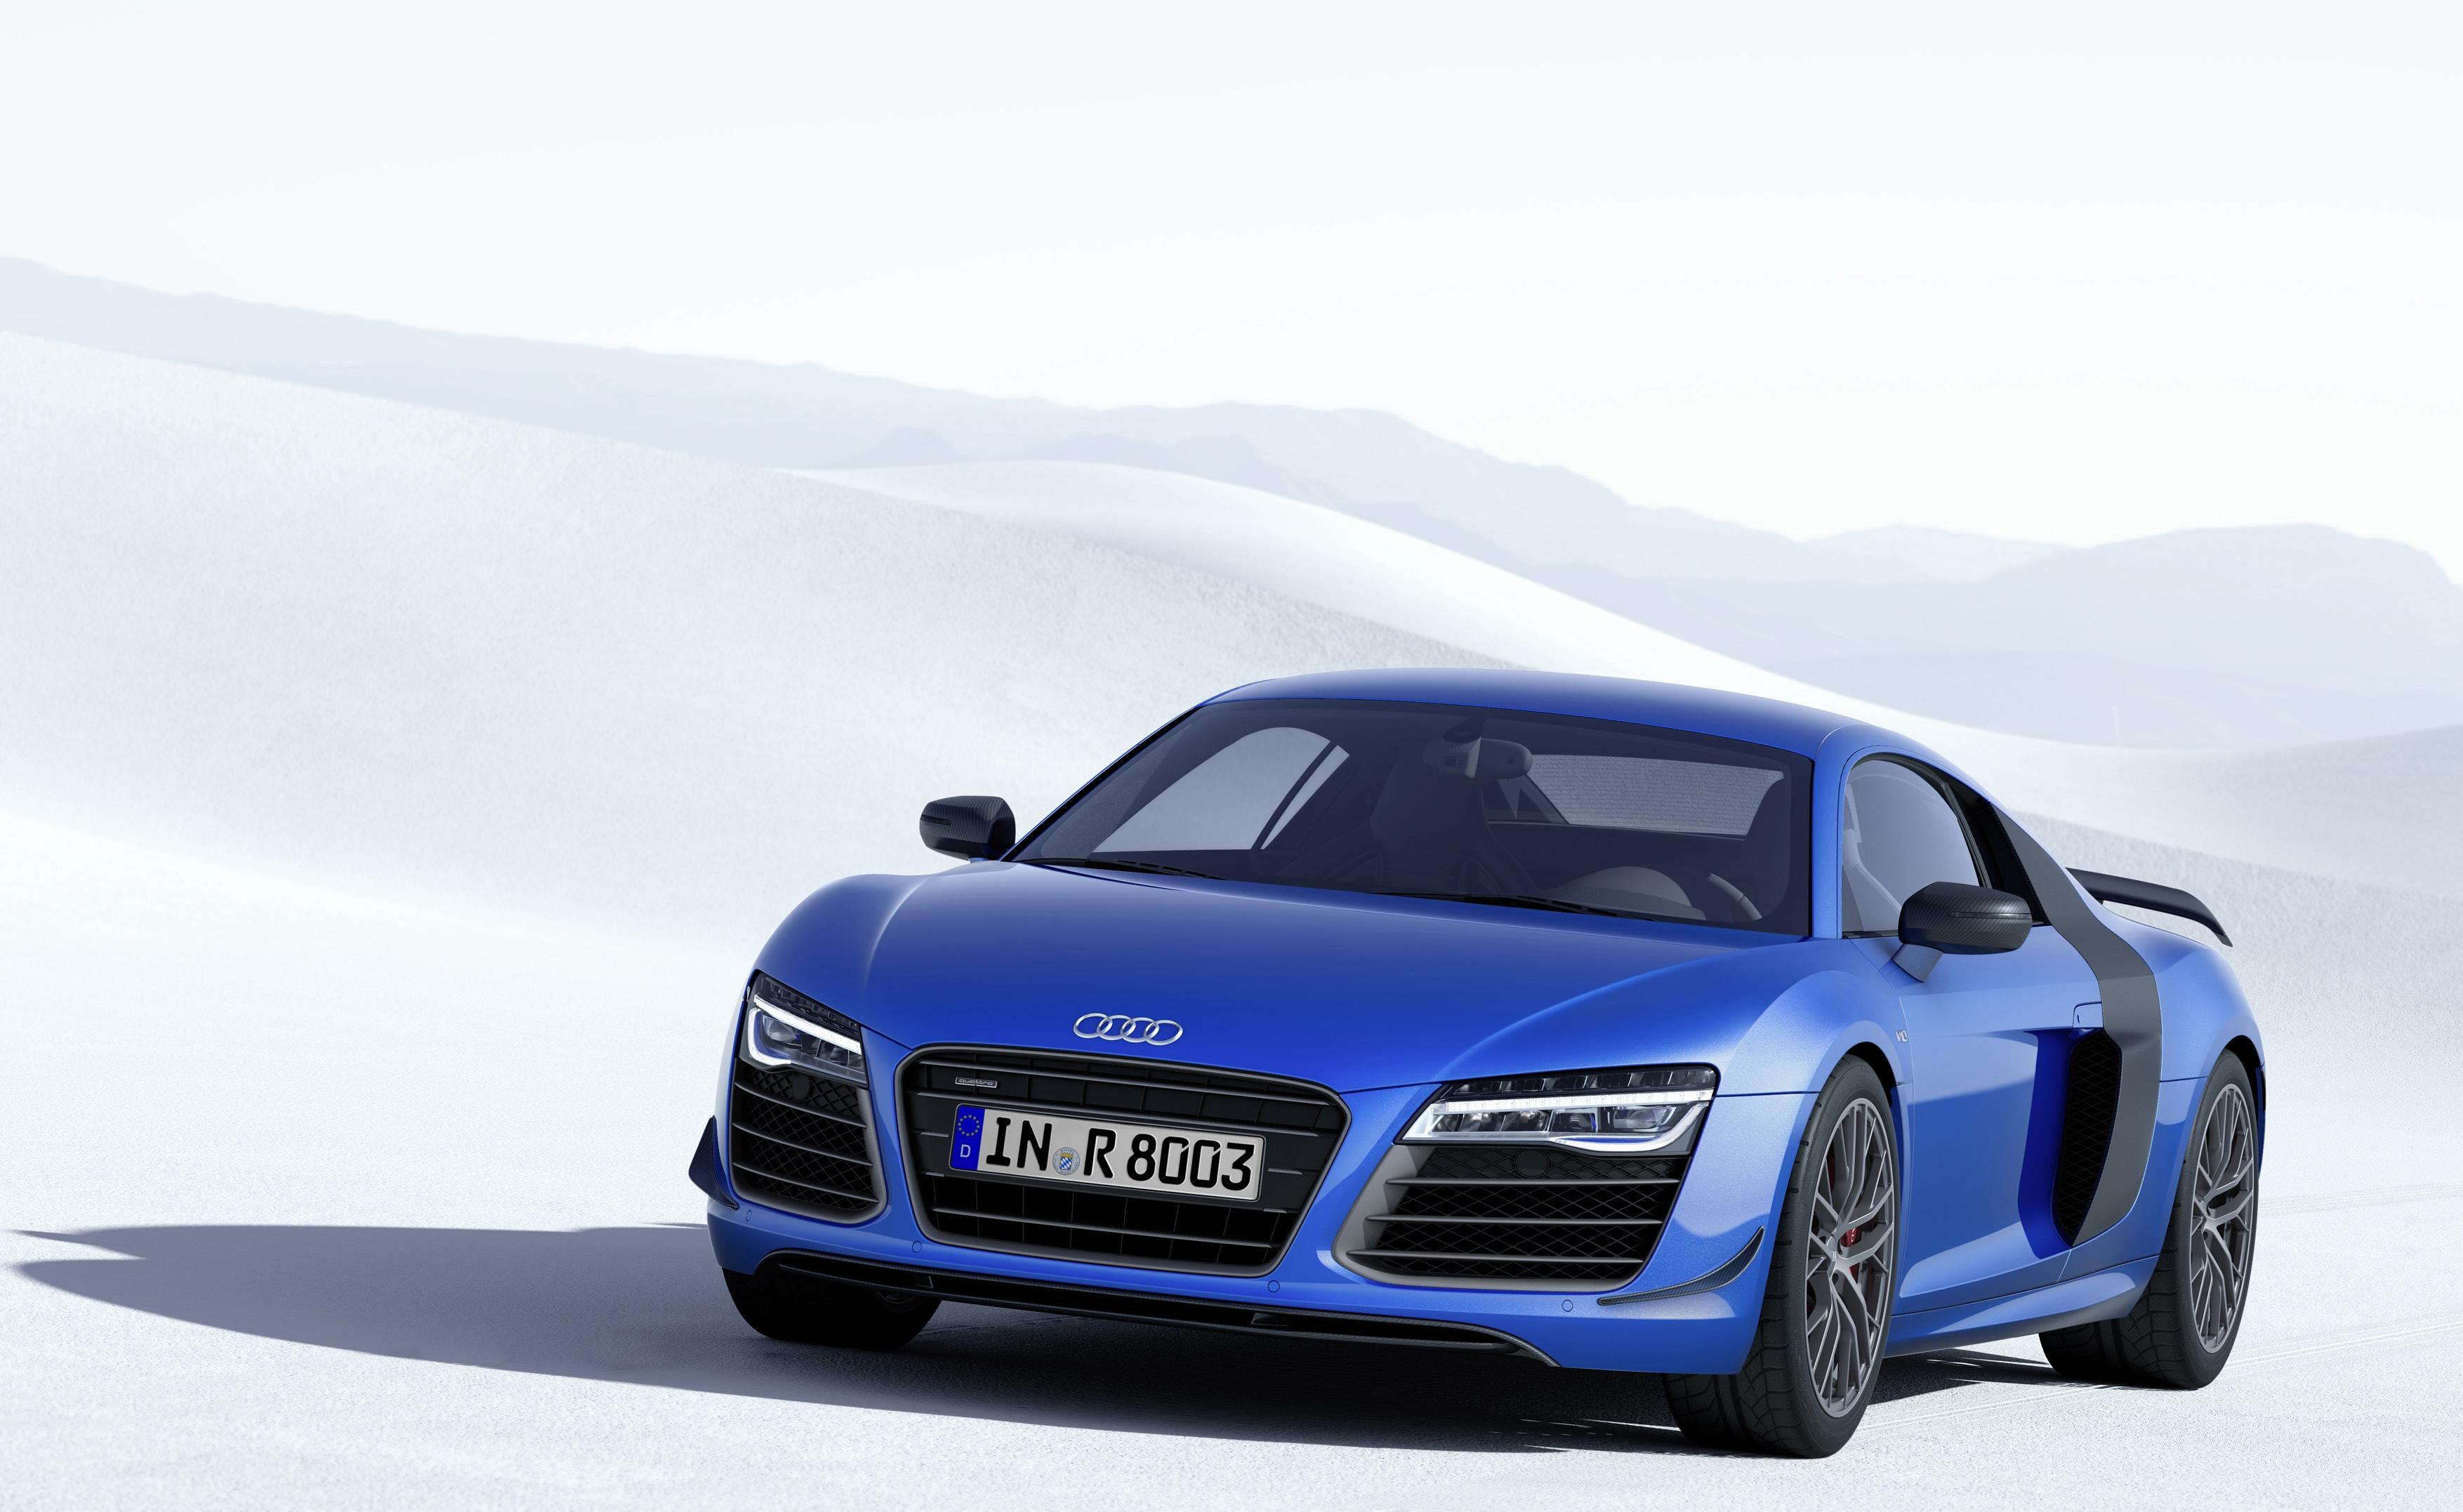 http://images.caradisiac.com/images/4/4/4/7/94447/S0-Audi-lance-la-serie-limitee-R8-LMX-a-feux-laser-321129.jpg